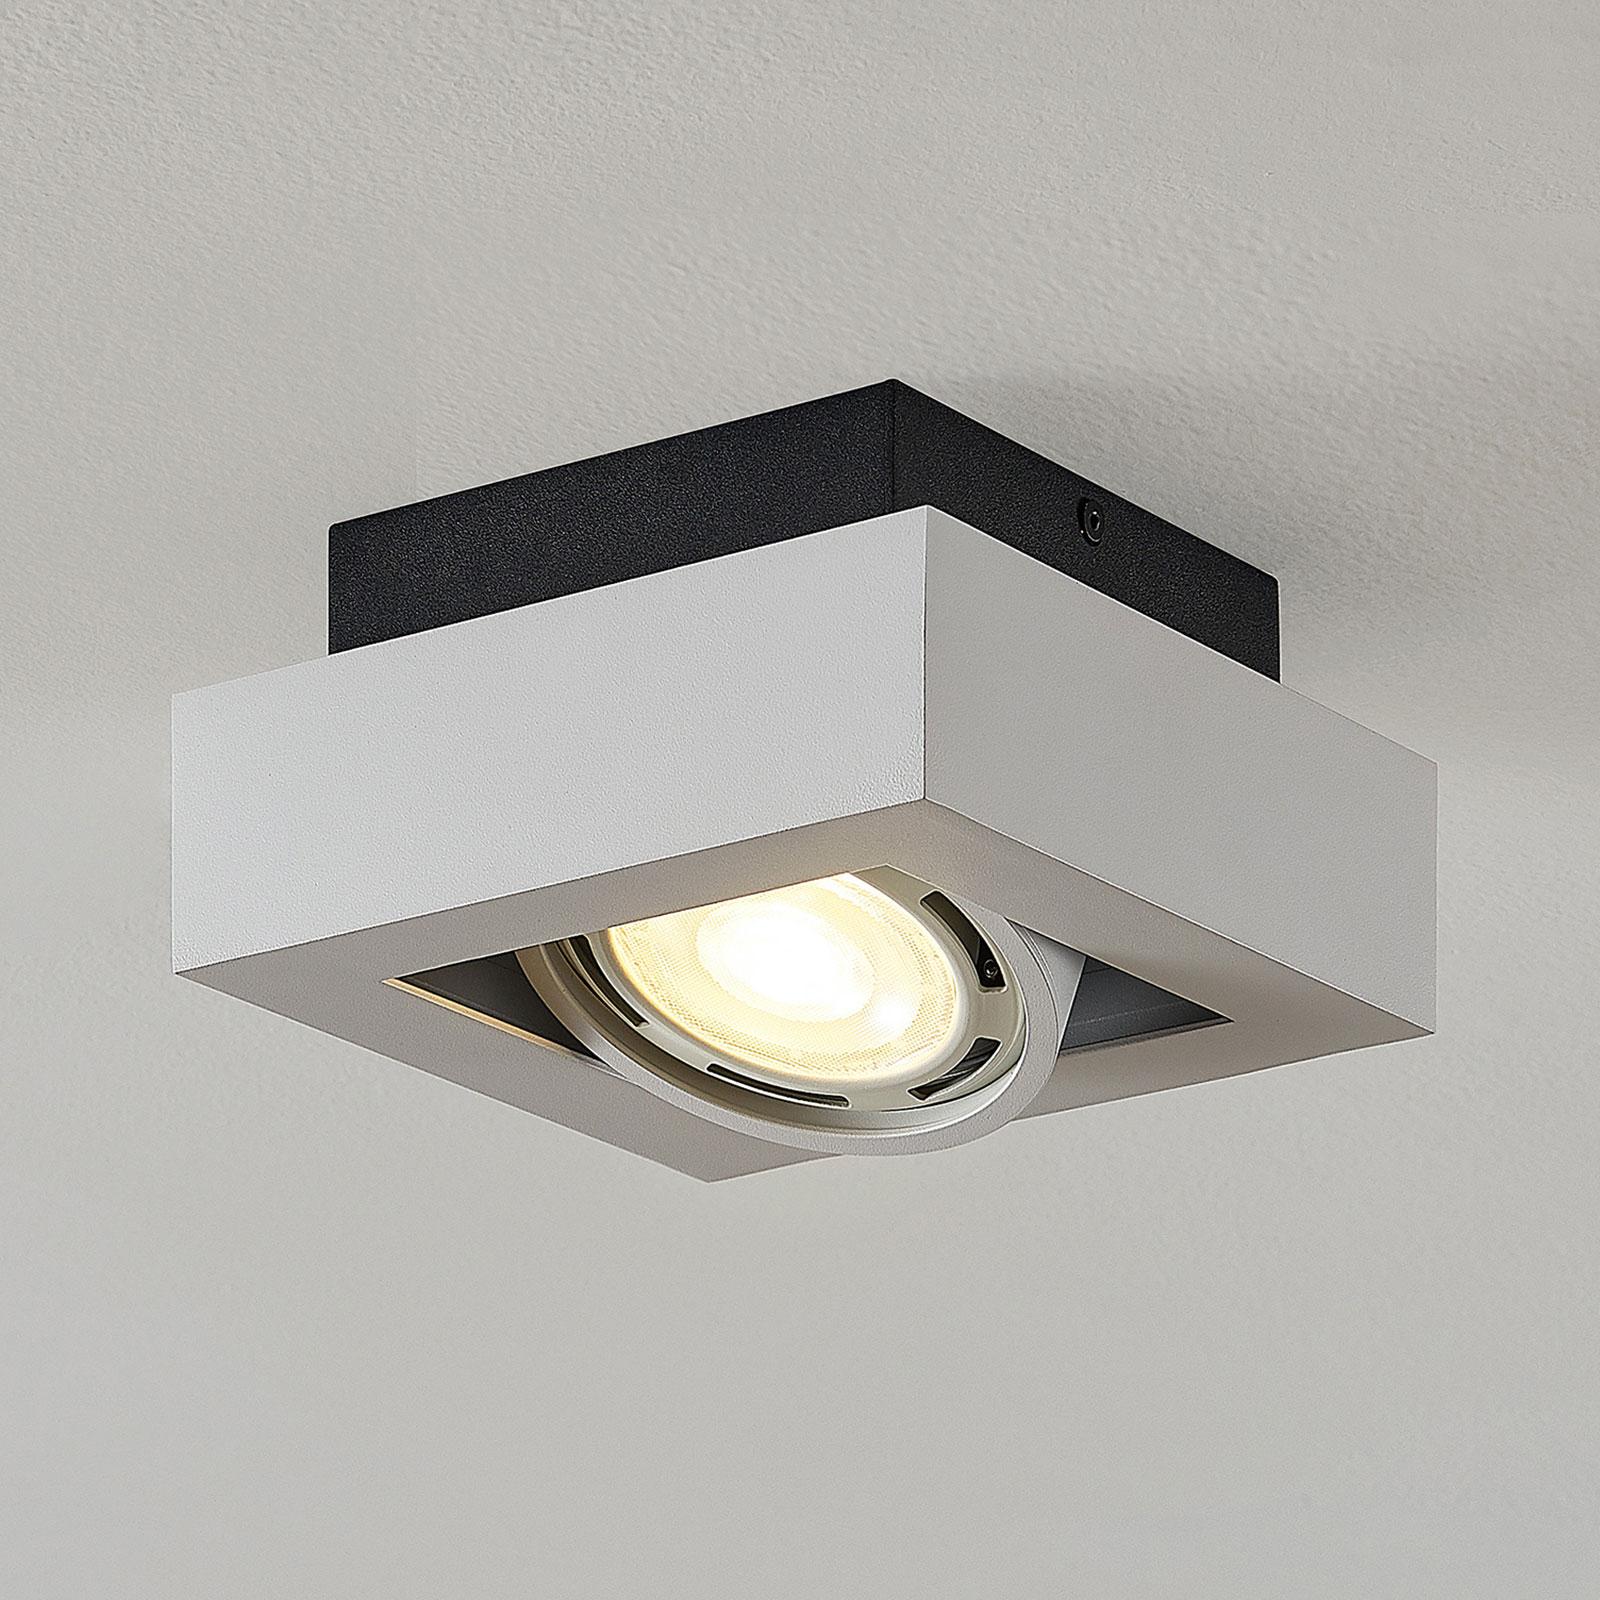 LED-takspot Ronka, GU10, 1 lyskilde, hvit